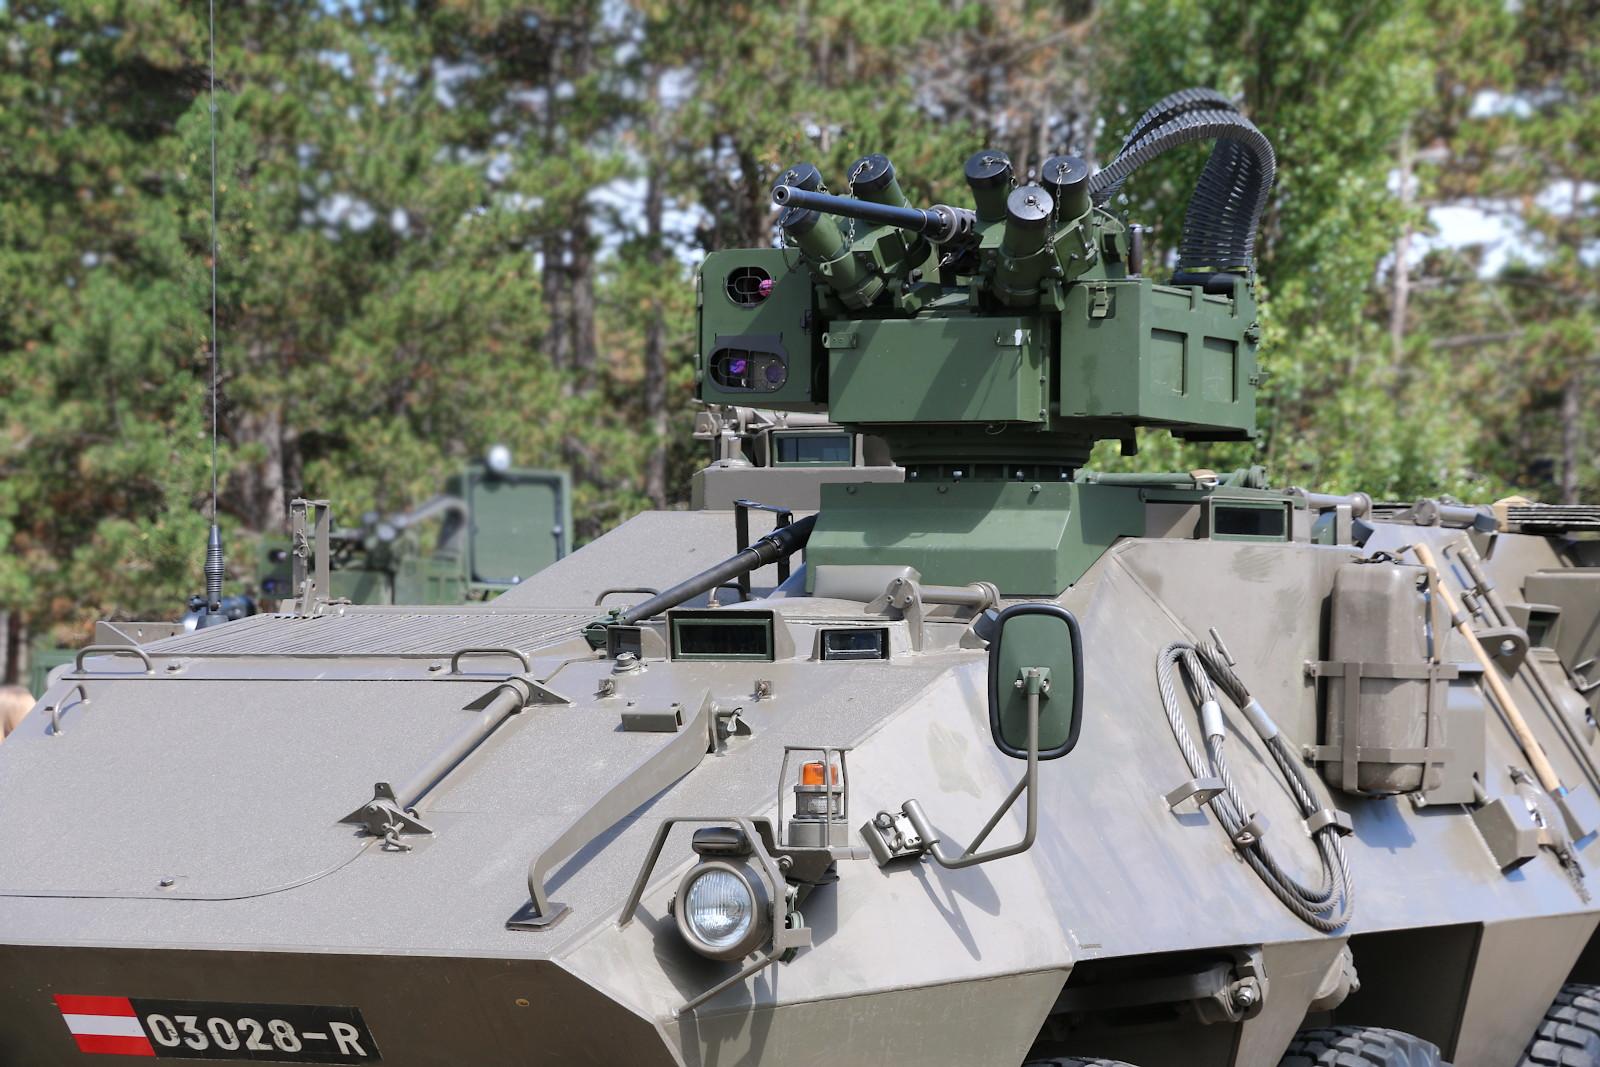 Pandur mit elektrisch fernbedienbarer Waffenstation (efWS) vom Typ WS4 Panther © Doppeladler.com